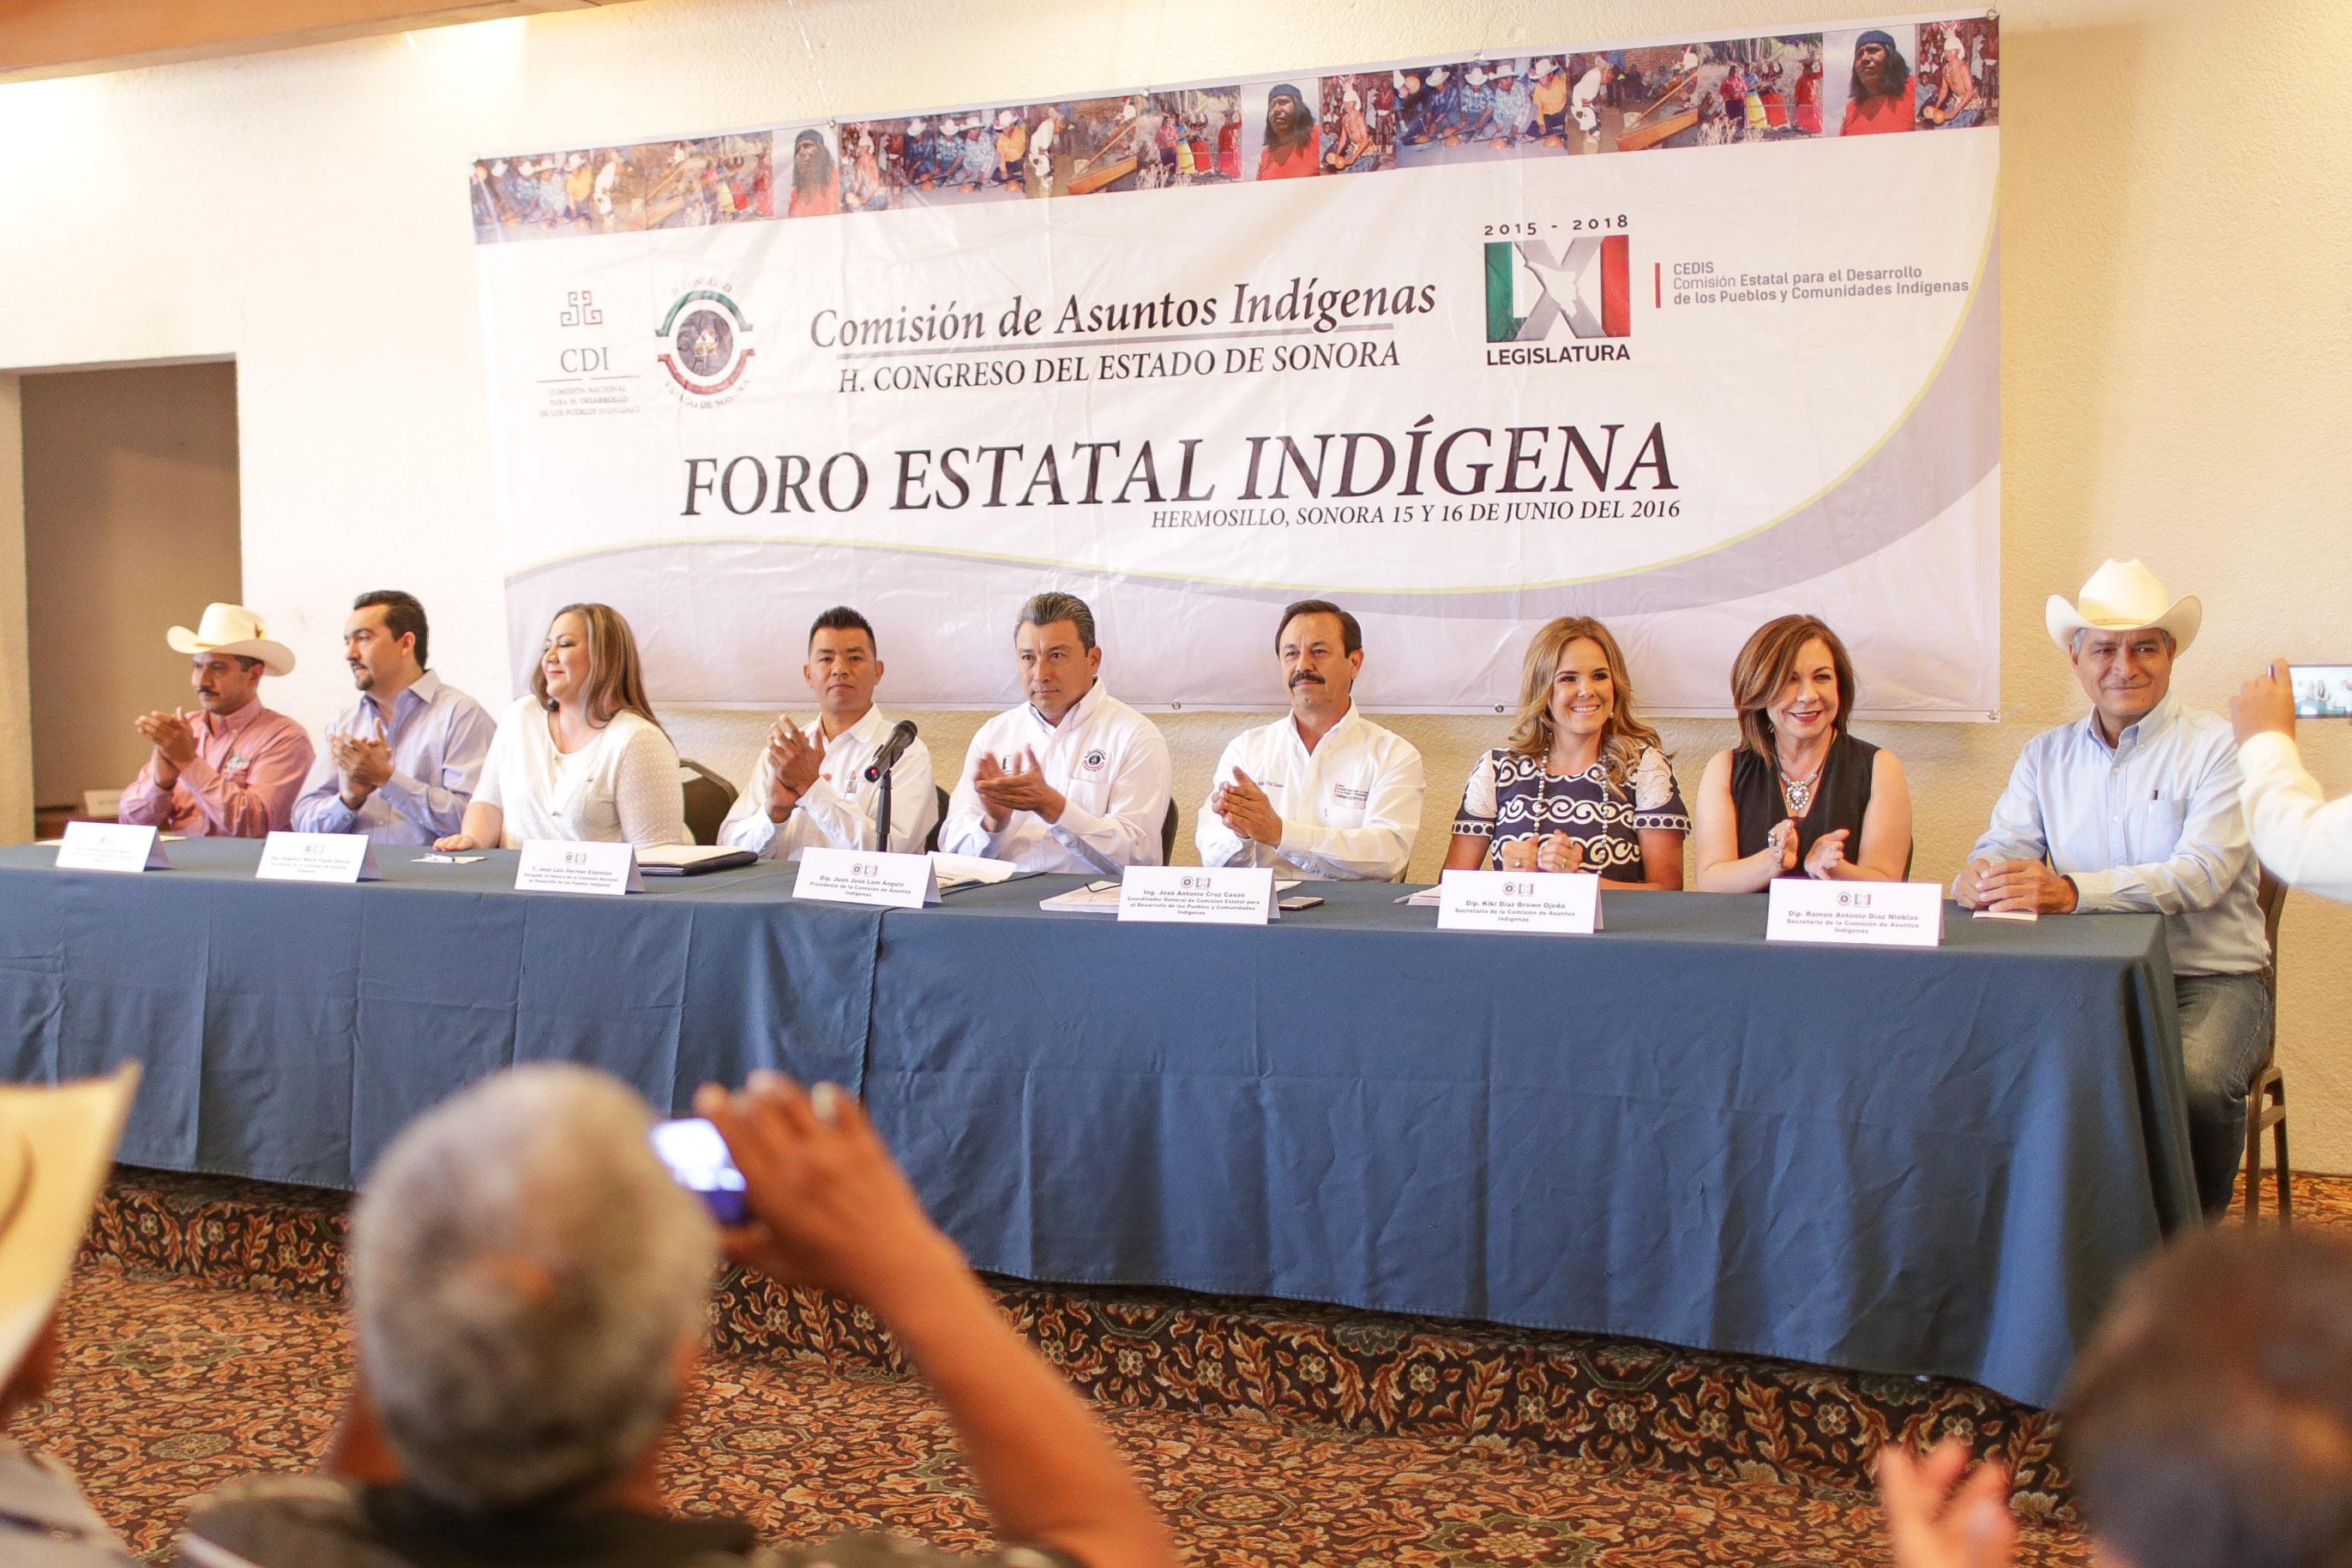 Foro indígena - Hmo%2c Son - LXI Leg. - Com. Social Congreso de Sonora - AFCES - 140616IMG_0102